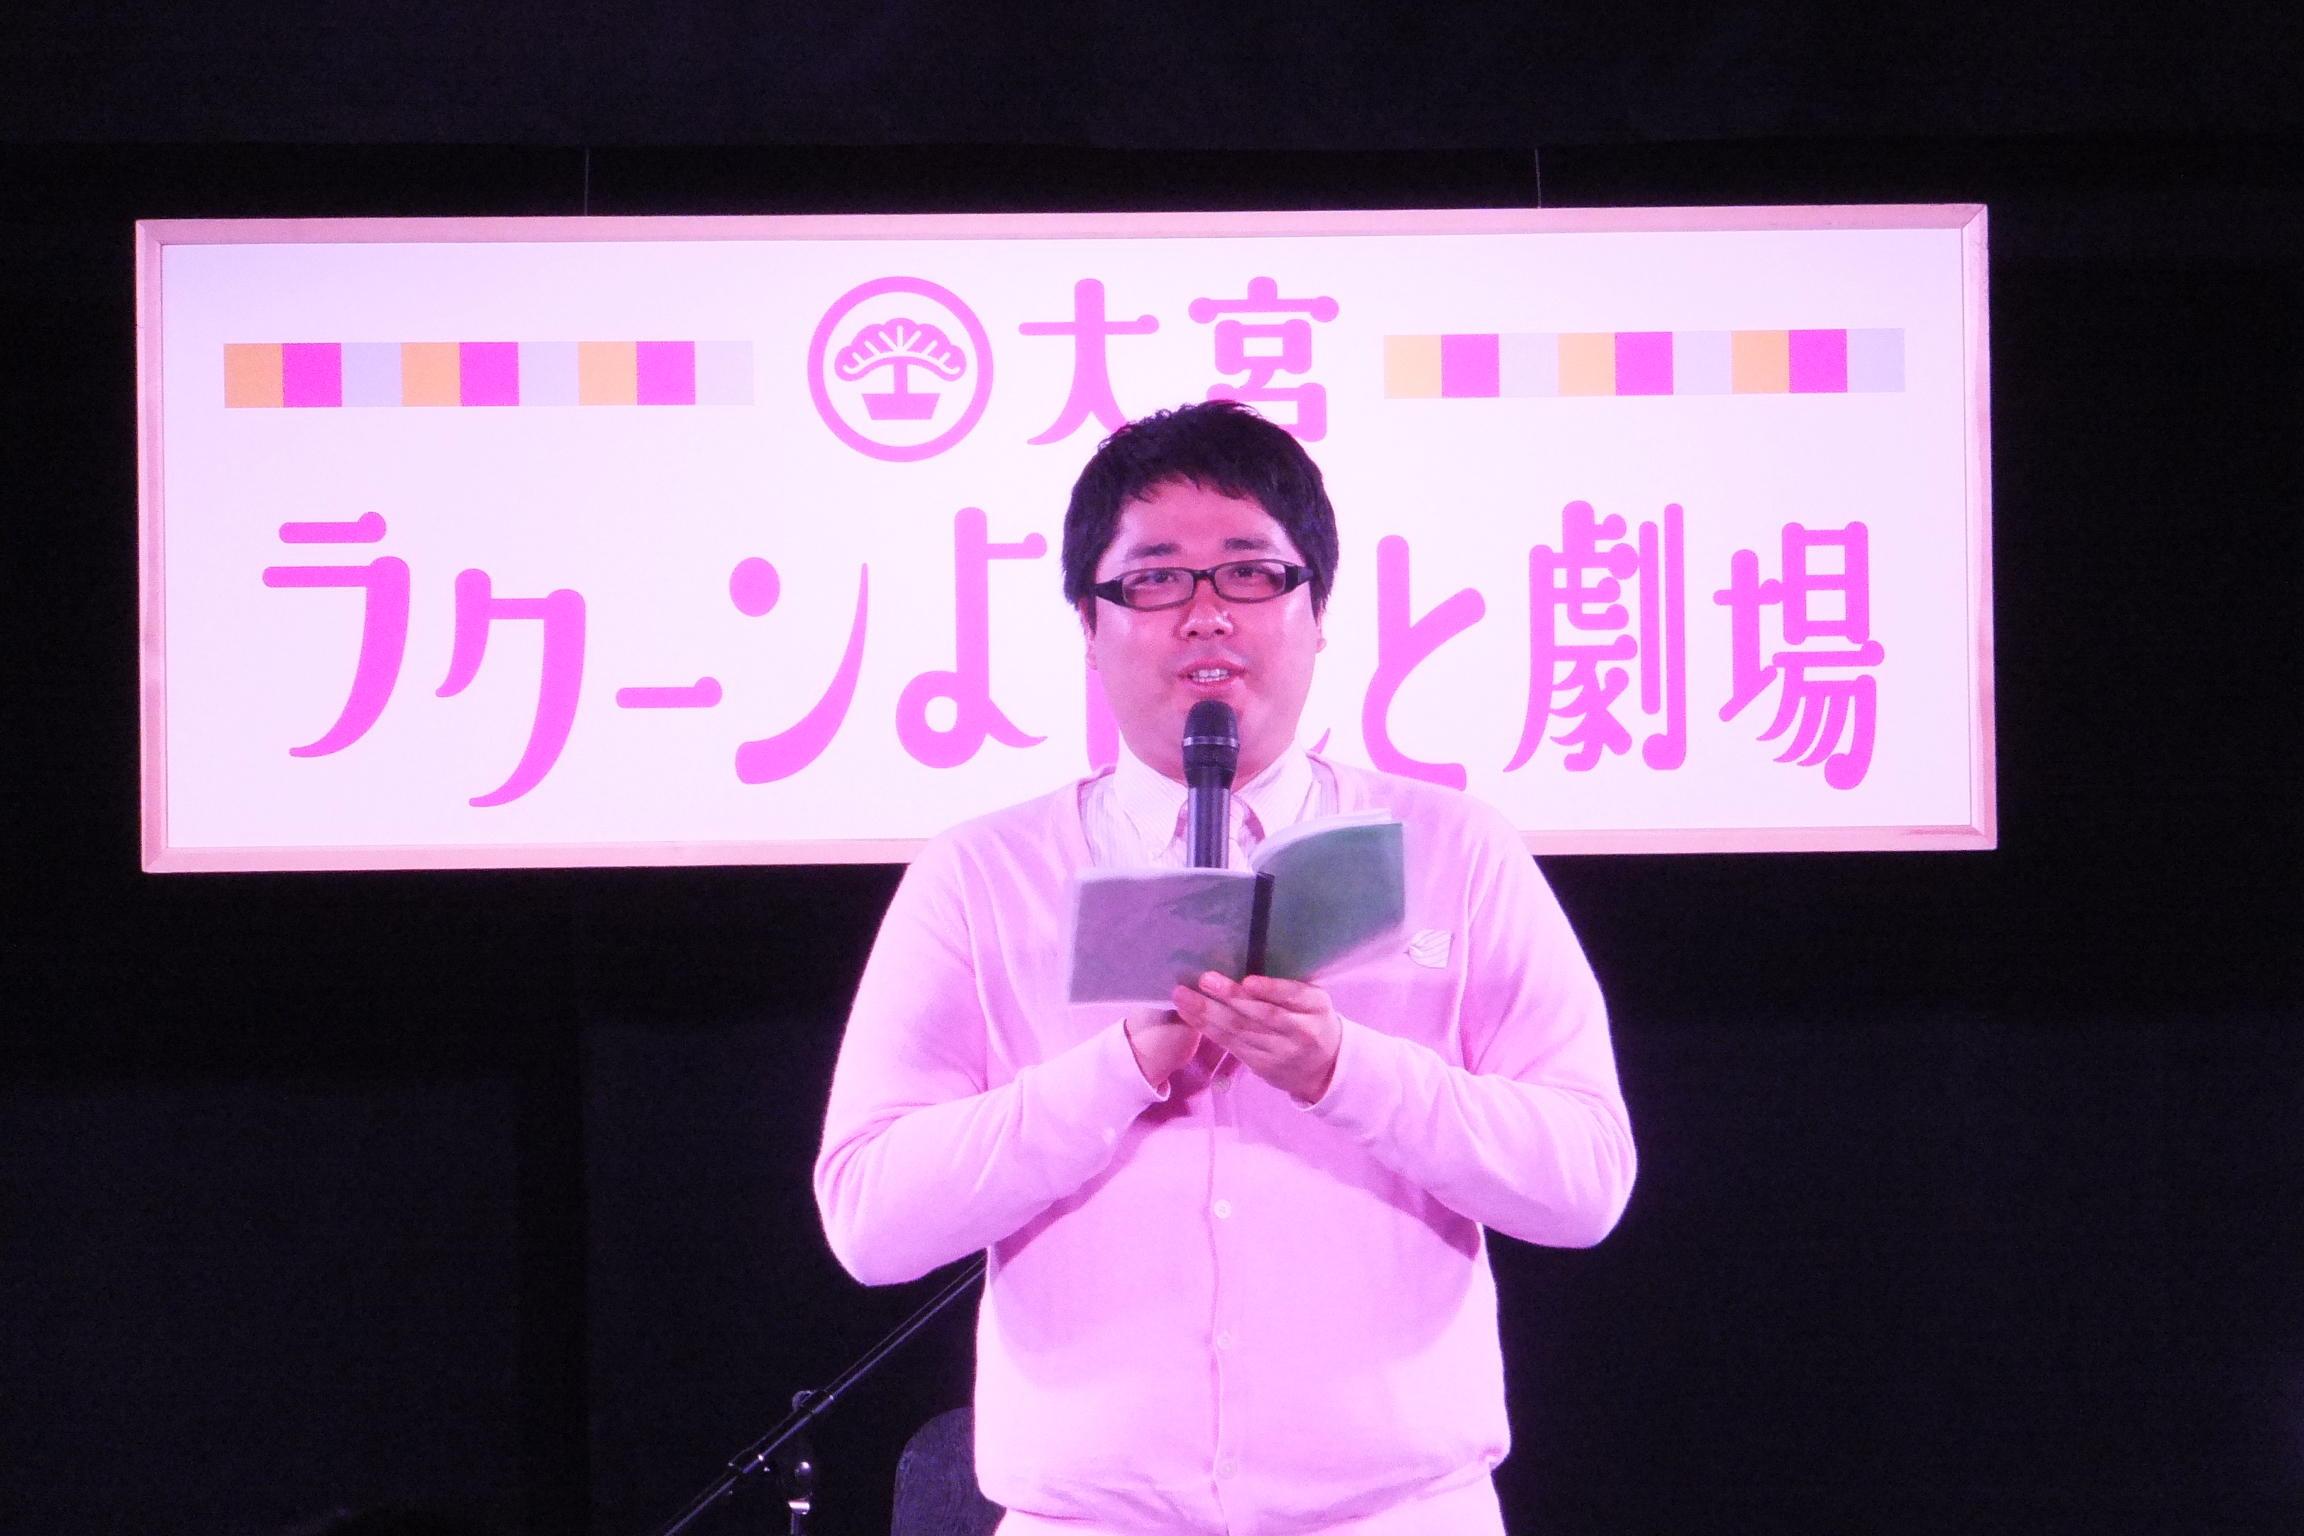 http://news.yoshimoto.co.jp/20151130175143-6b91737add5cd0354b19c5949a8b73357e03b31d.jpg